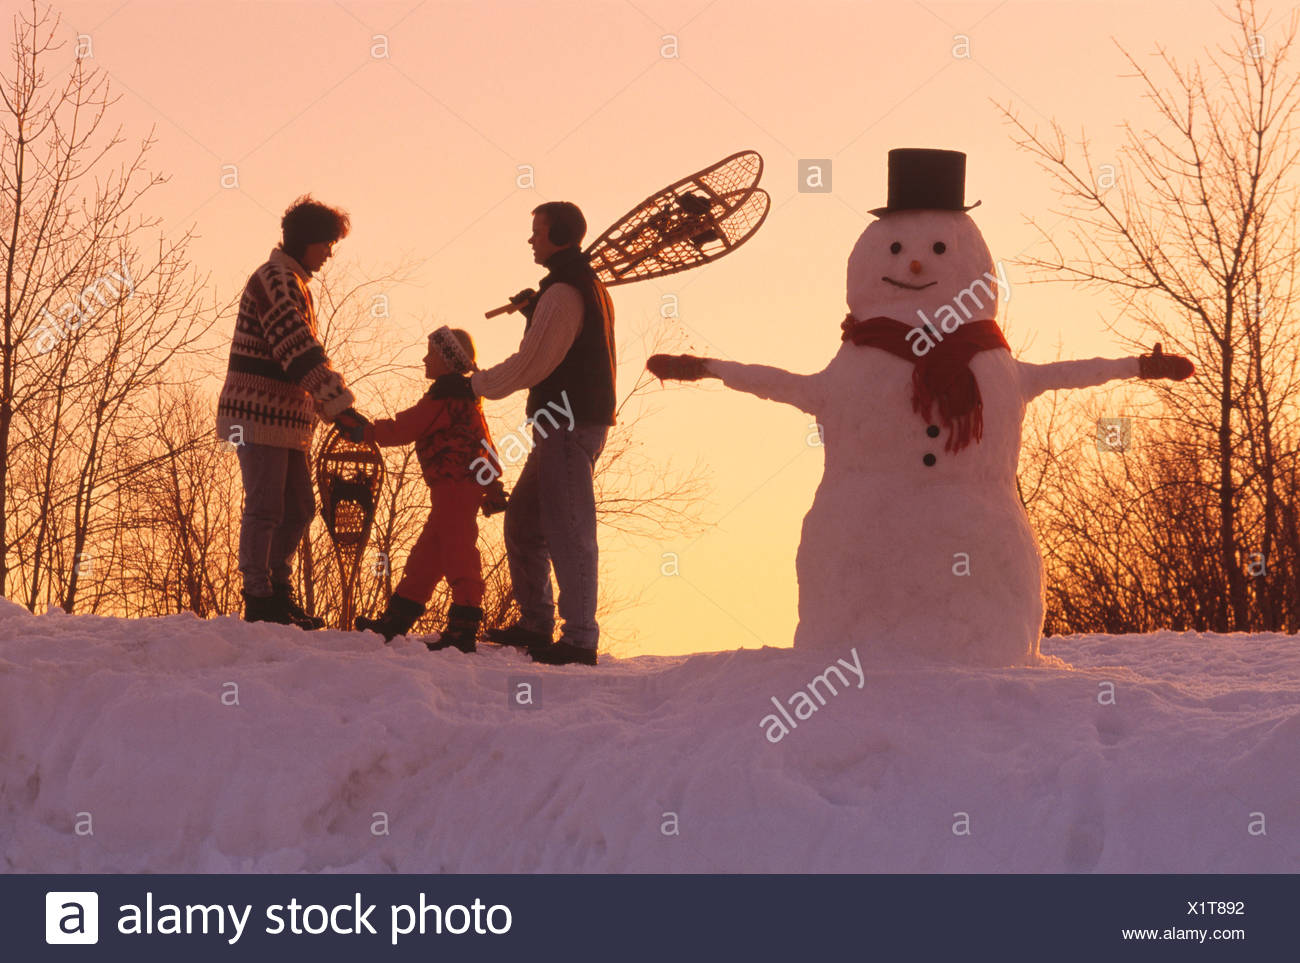 Agriculture - une famille agricole avec leurs chaussures de neige et un bonhomme nouvellement fabriqués / Manitoba, Canada. Photo Stock